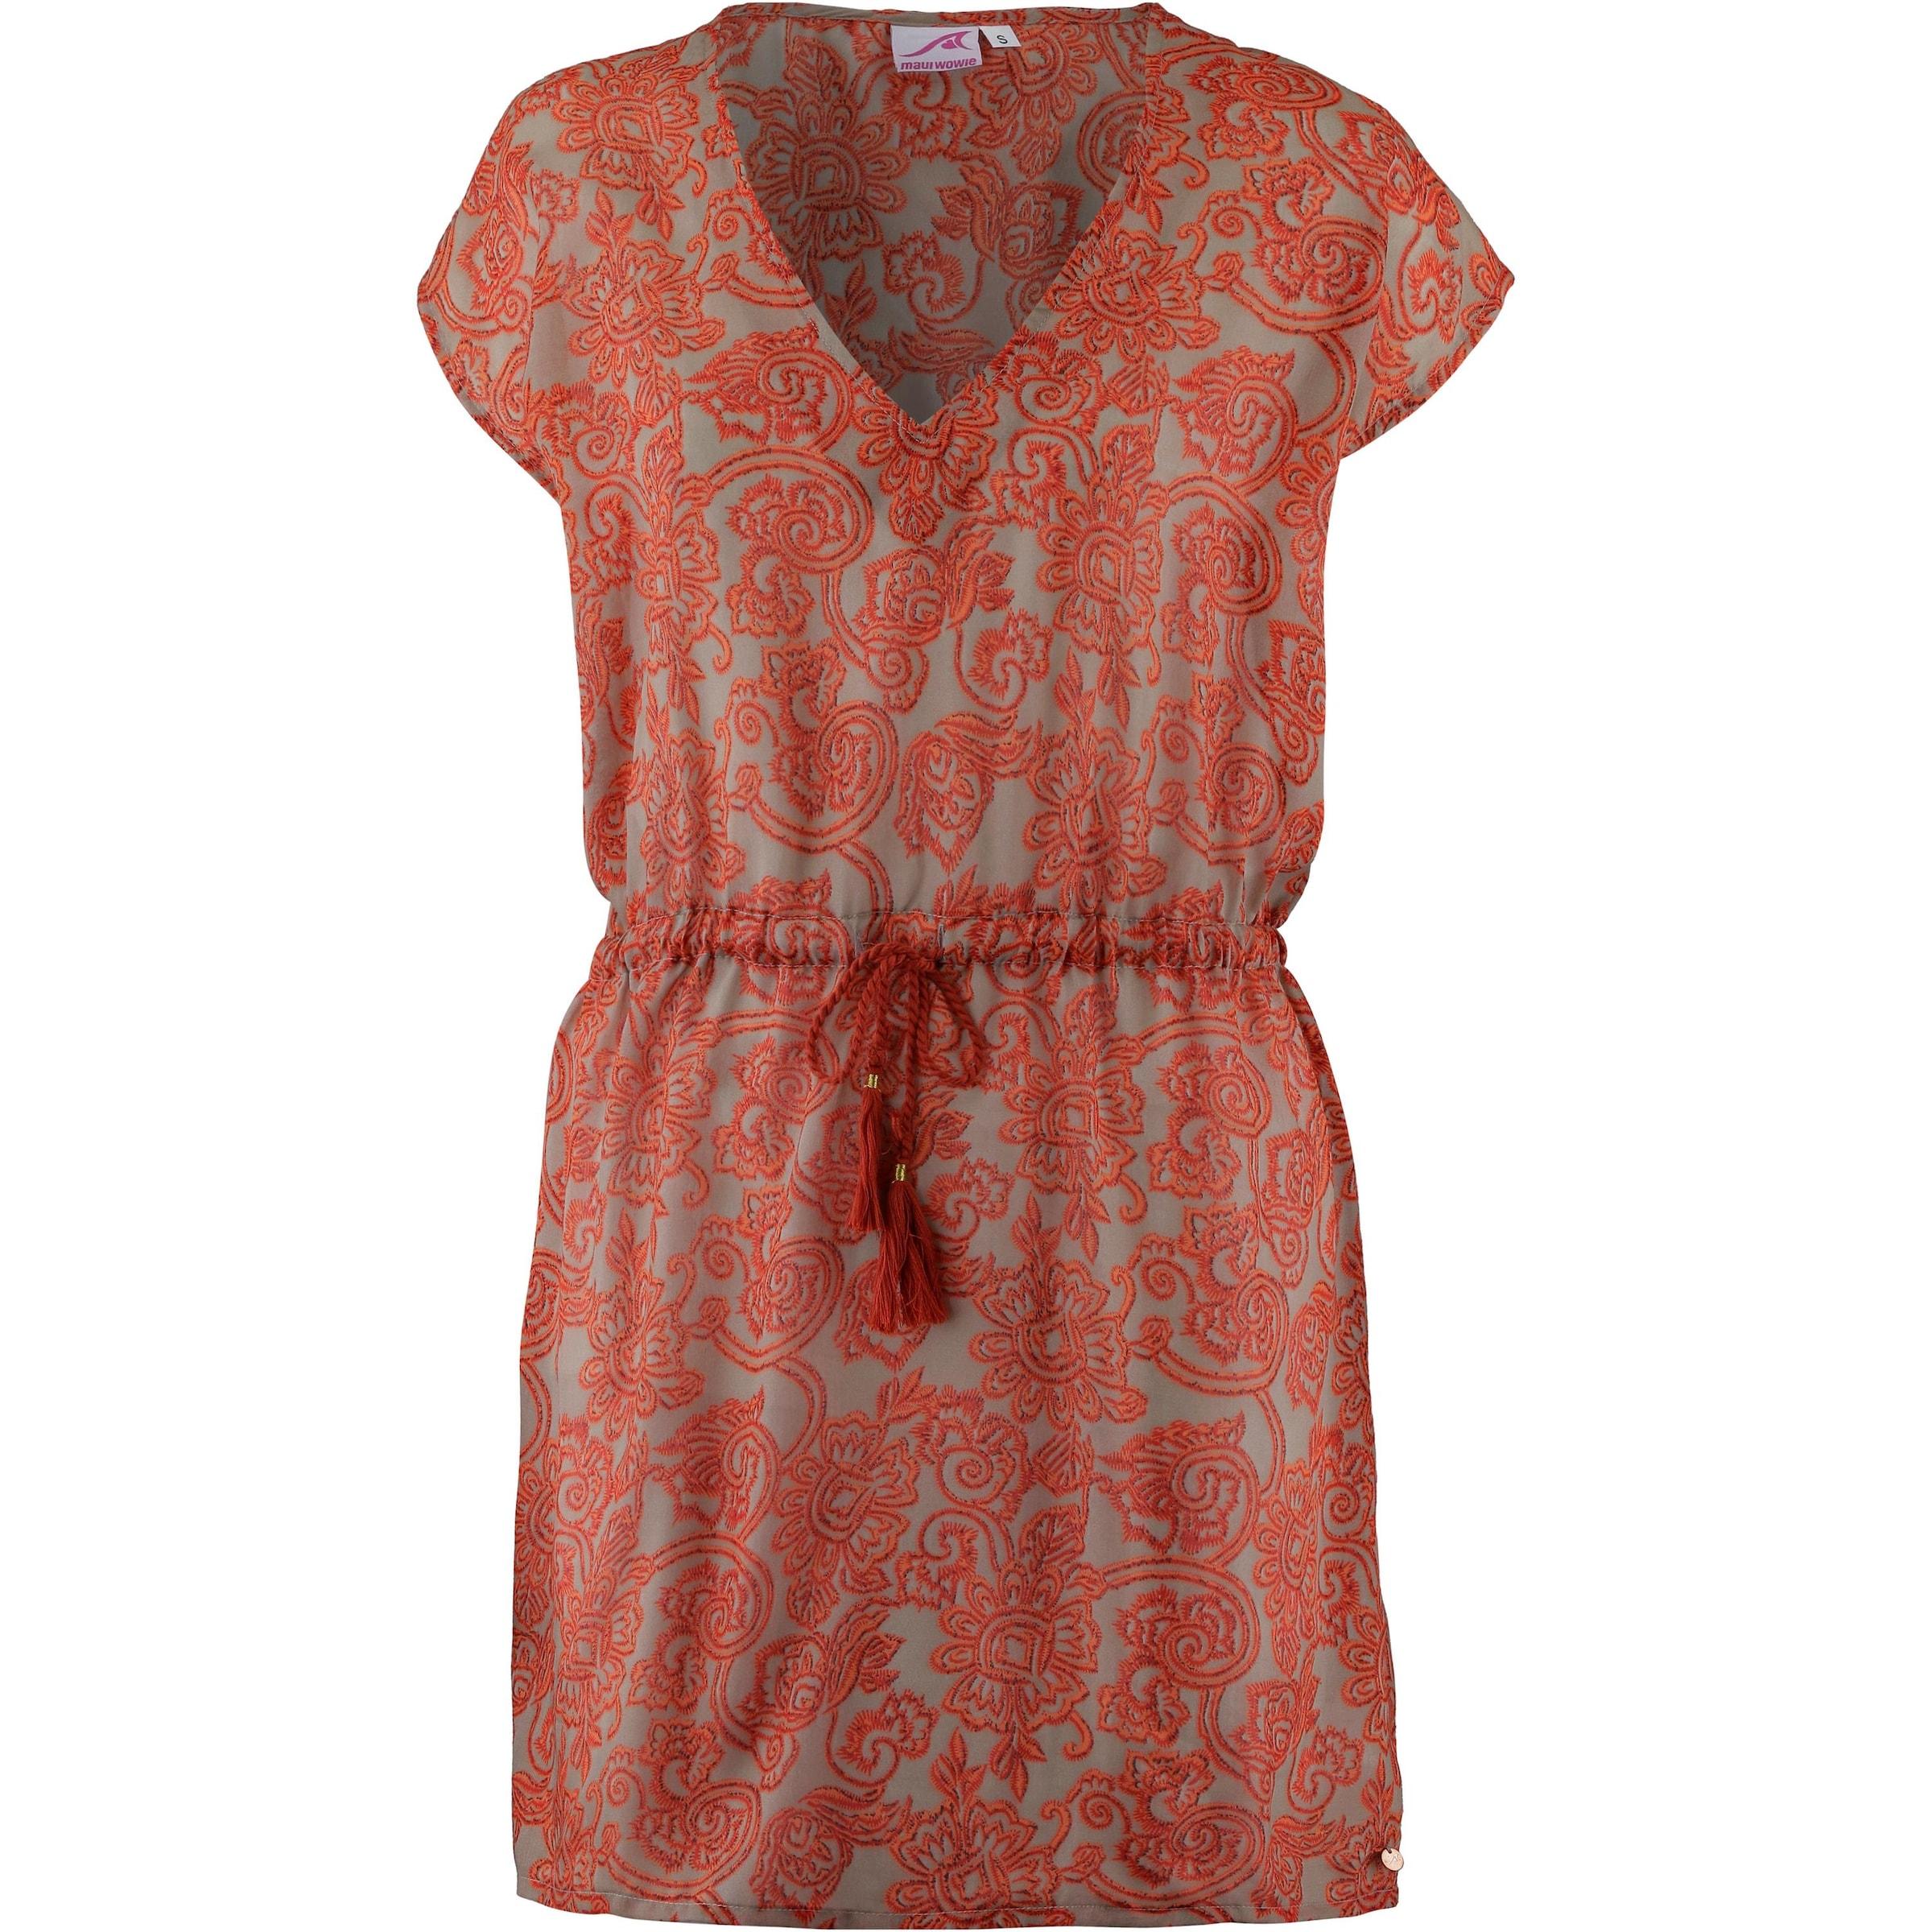 Auslass Günstigsten Preis MAUI WOWIE Kurzarmkleid Outlet-Store Günstig Online Neue Stile Online Rabatt Angebot Billig Verkauf 2018 C6L36kQ